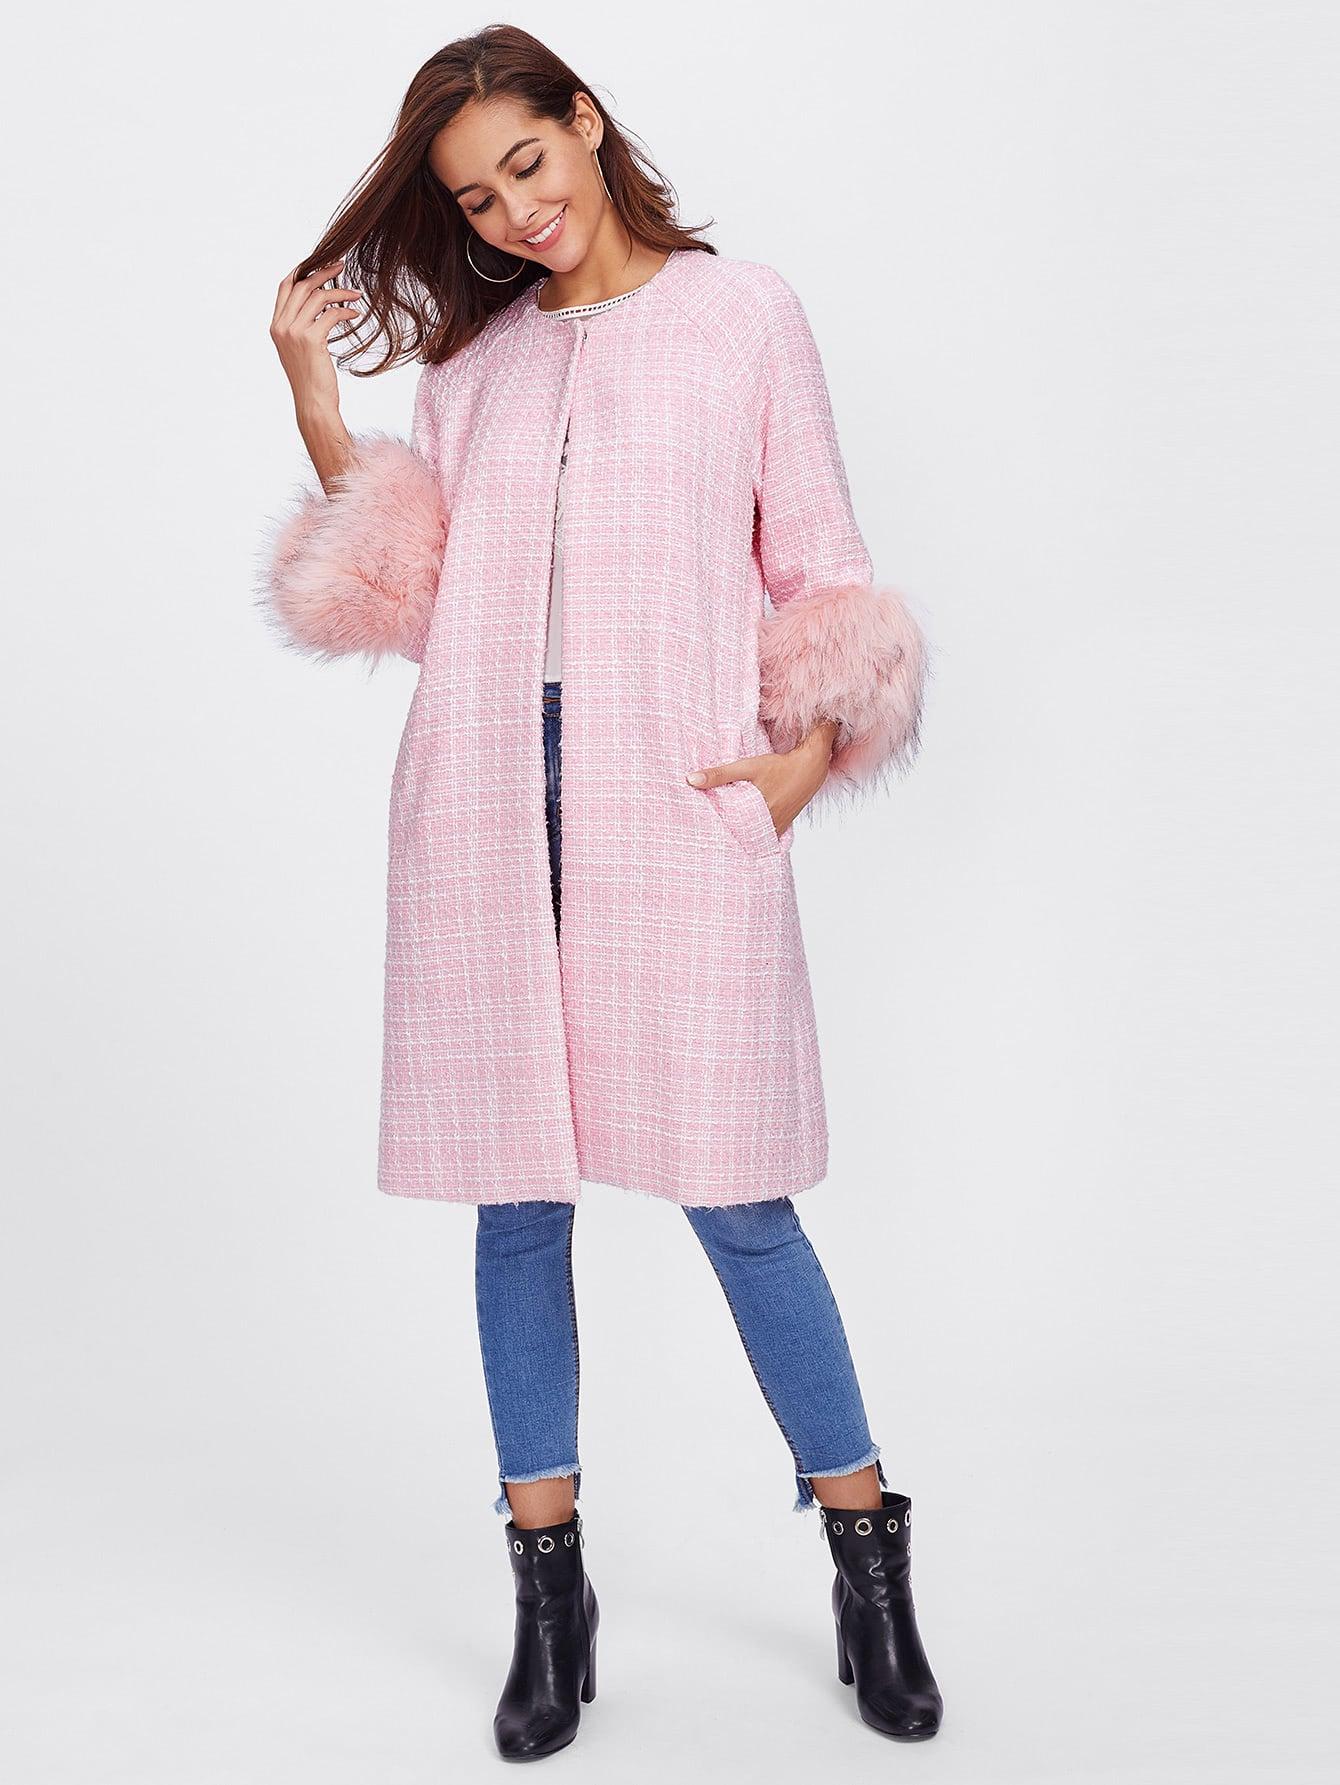 Contrast Faux Fur Trim Raglan Sleeve Tweed Coat drop shoulder contrast faux fur sleeve sweatshirt